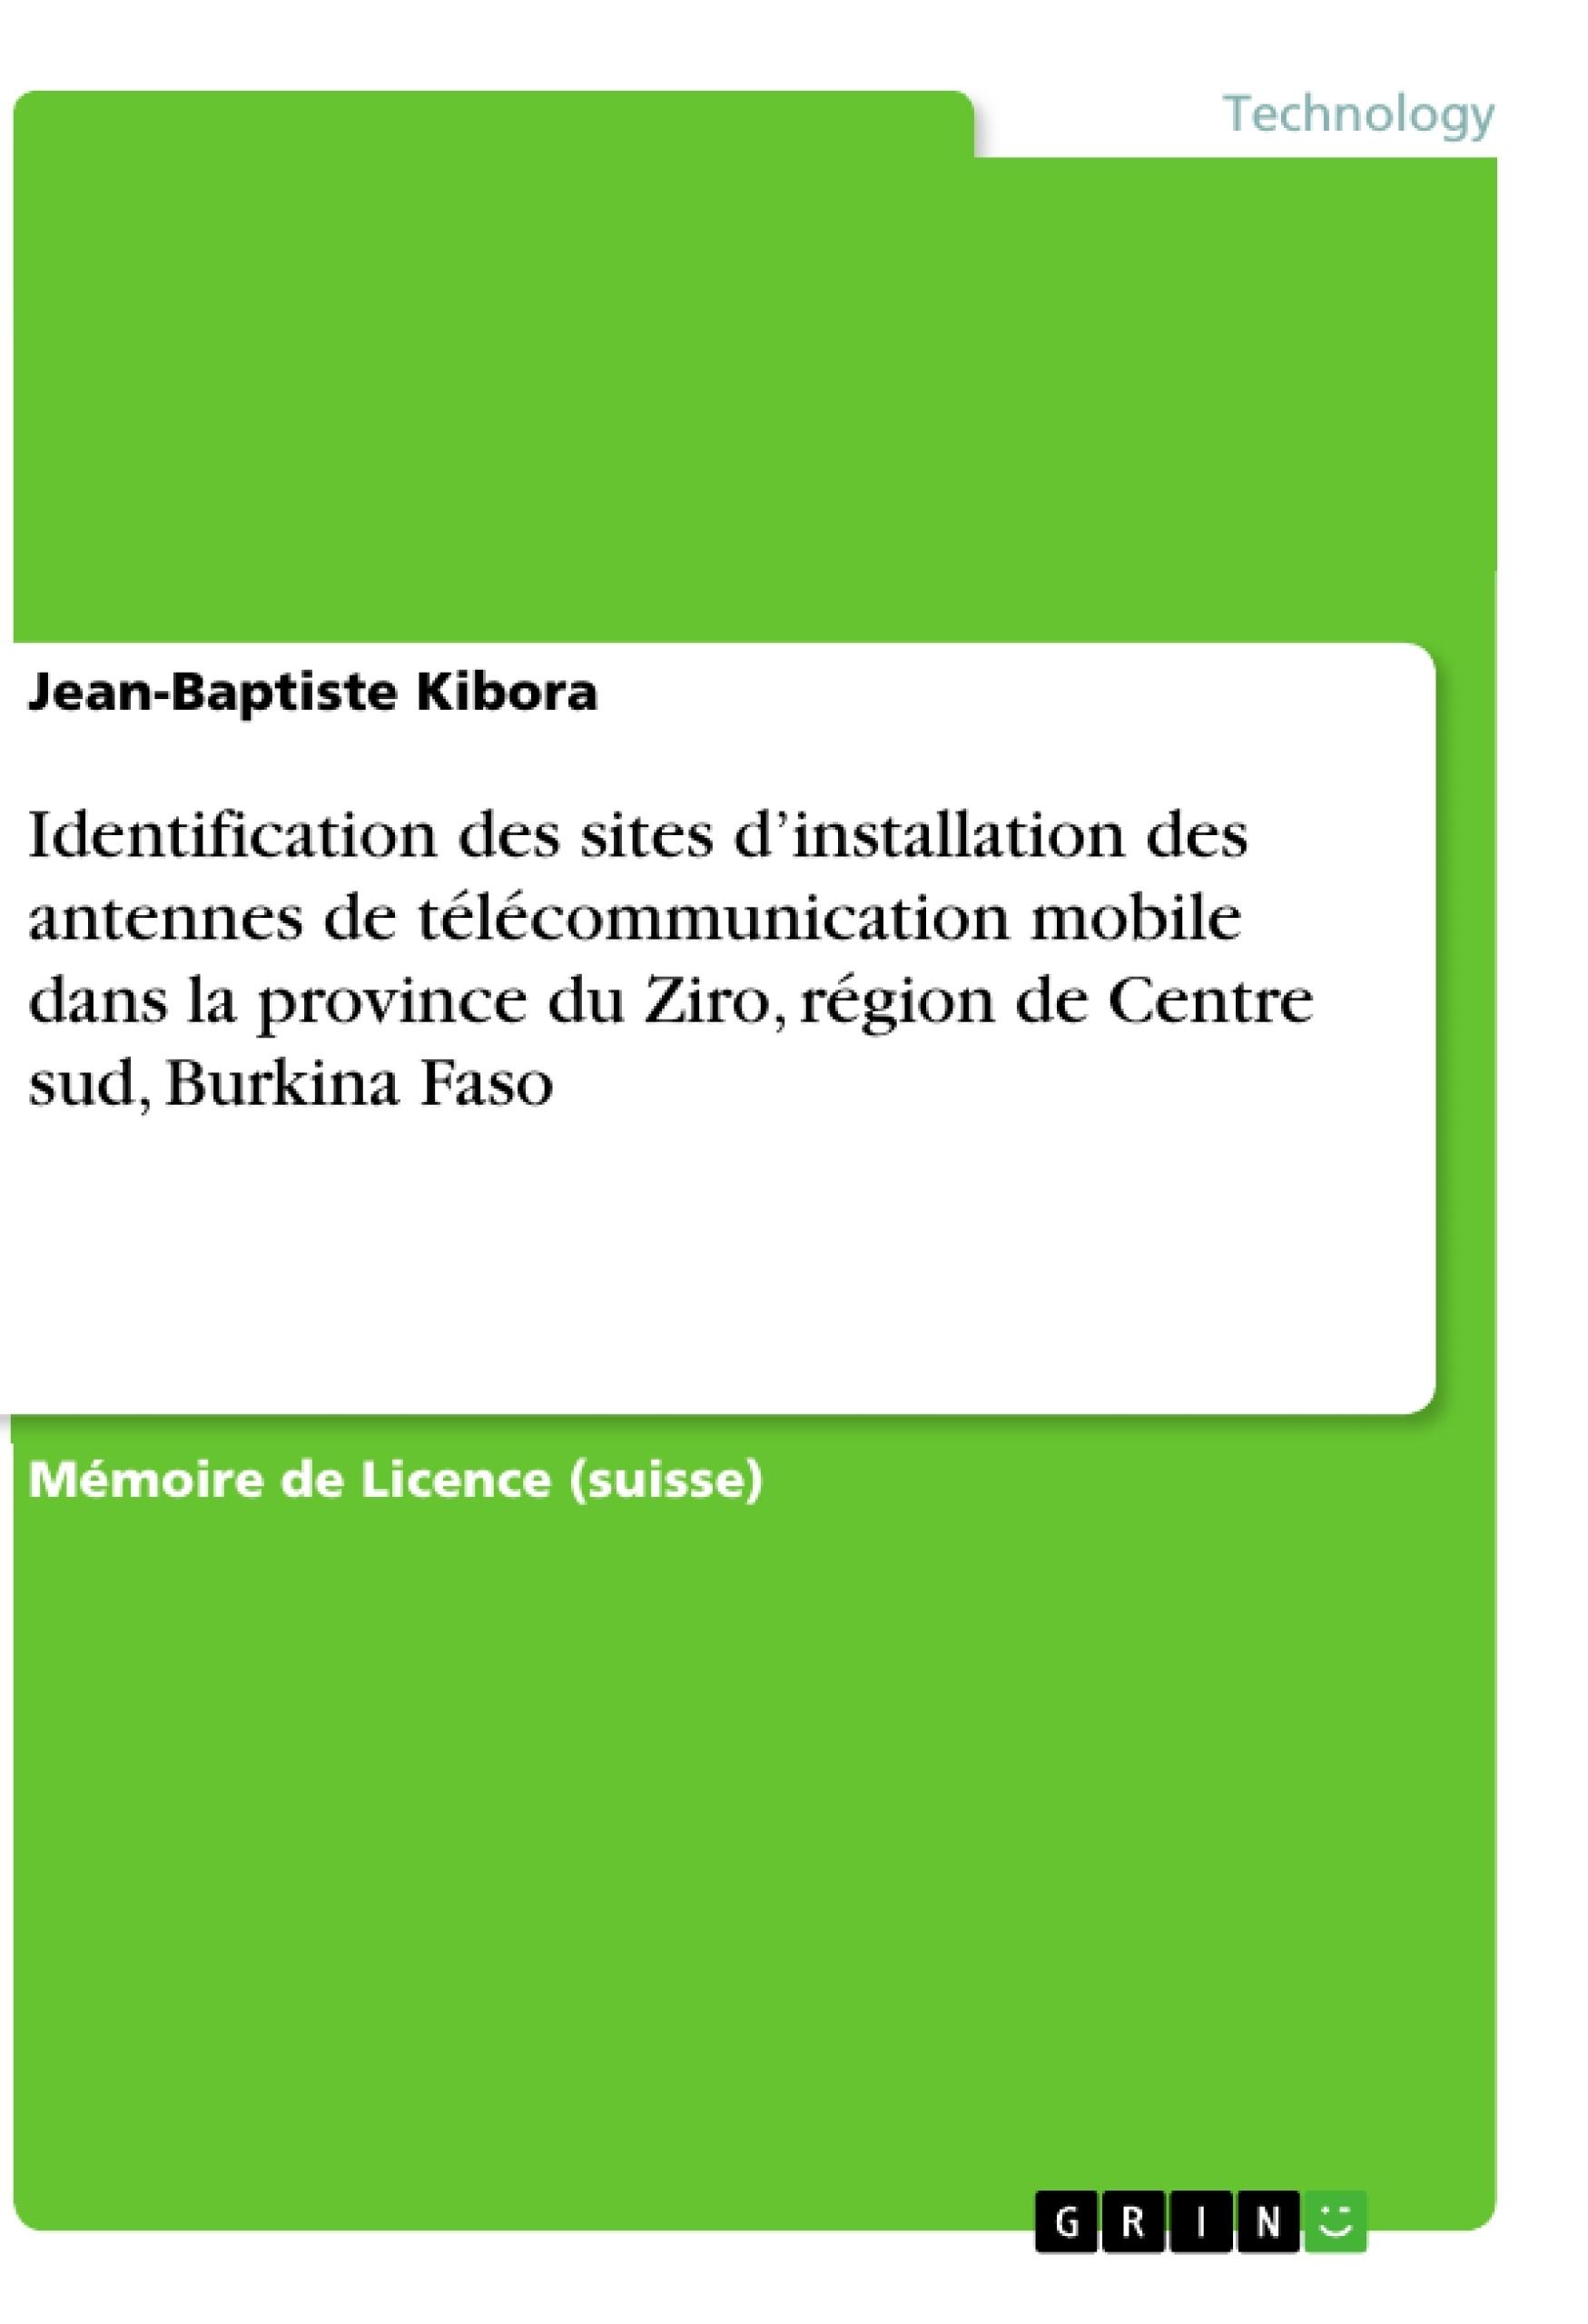 Titre: Identification des sites d'installation des antennes de télécommunication mobile dans la province du Ziro, région de Centre sud, Burkina Faso